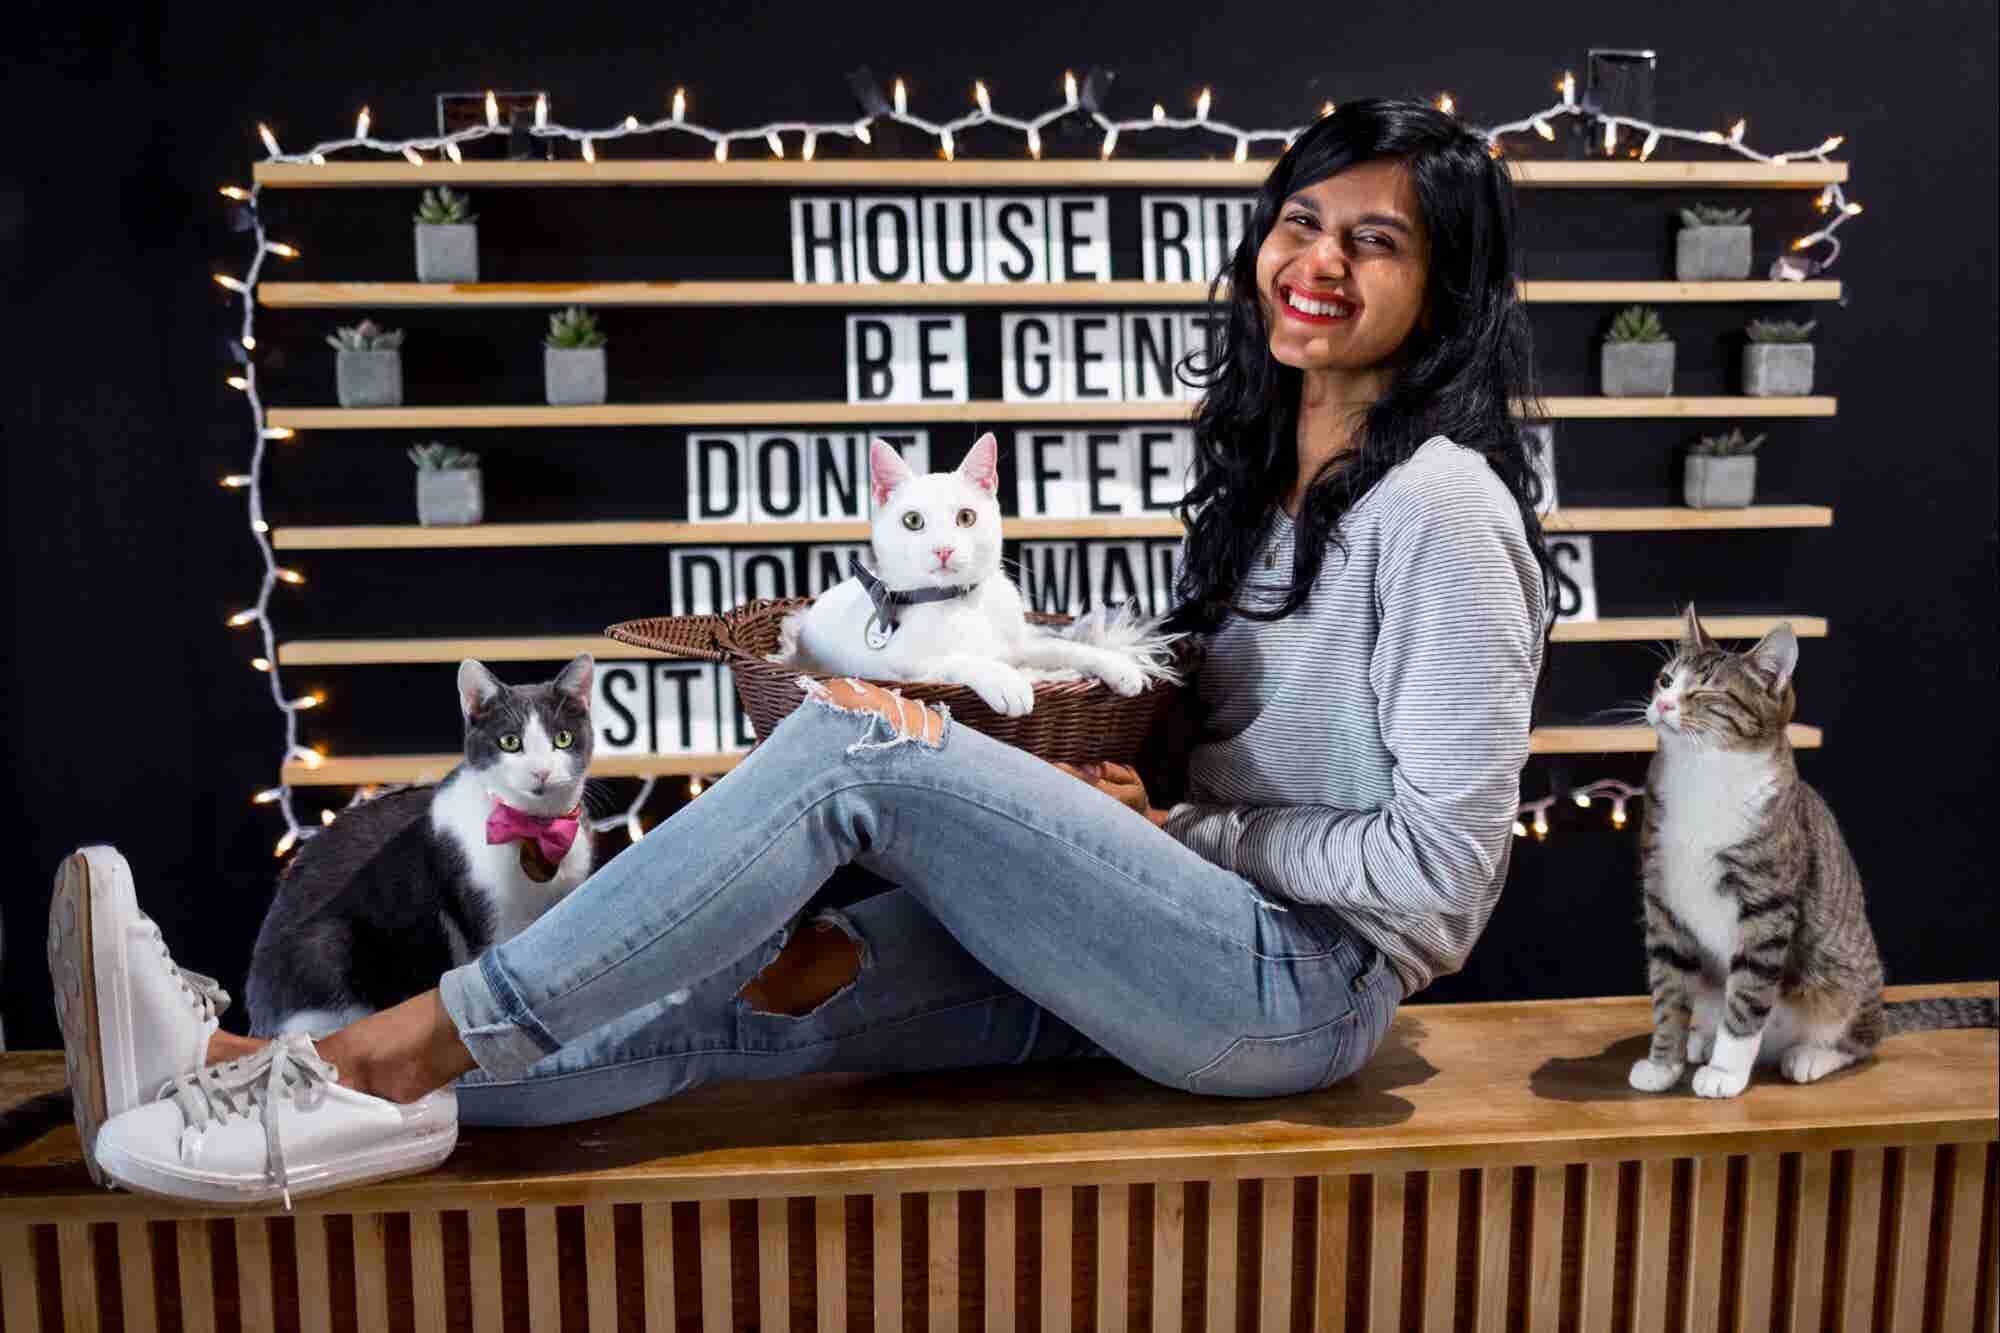 De 'Ouch' a 'Maiu': una joven catpreneur descubre su propio significado de éxito